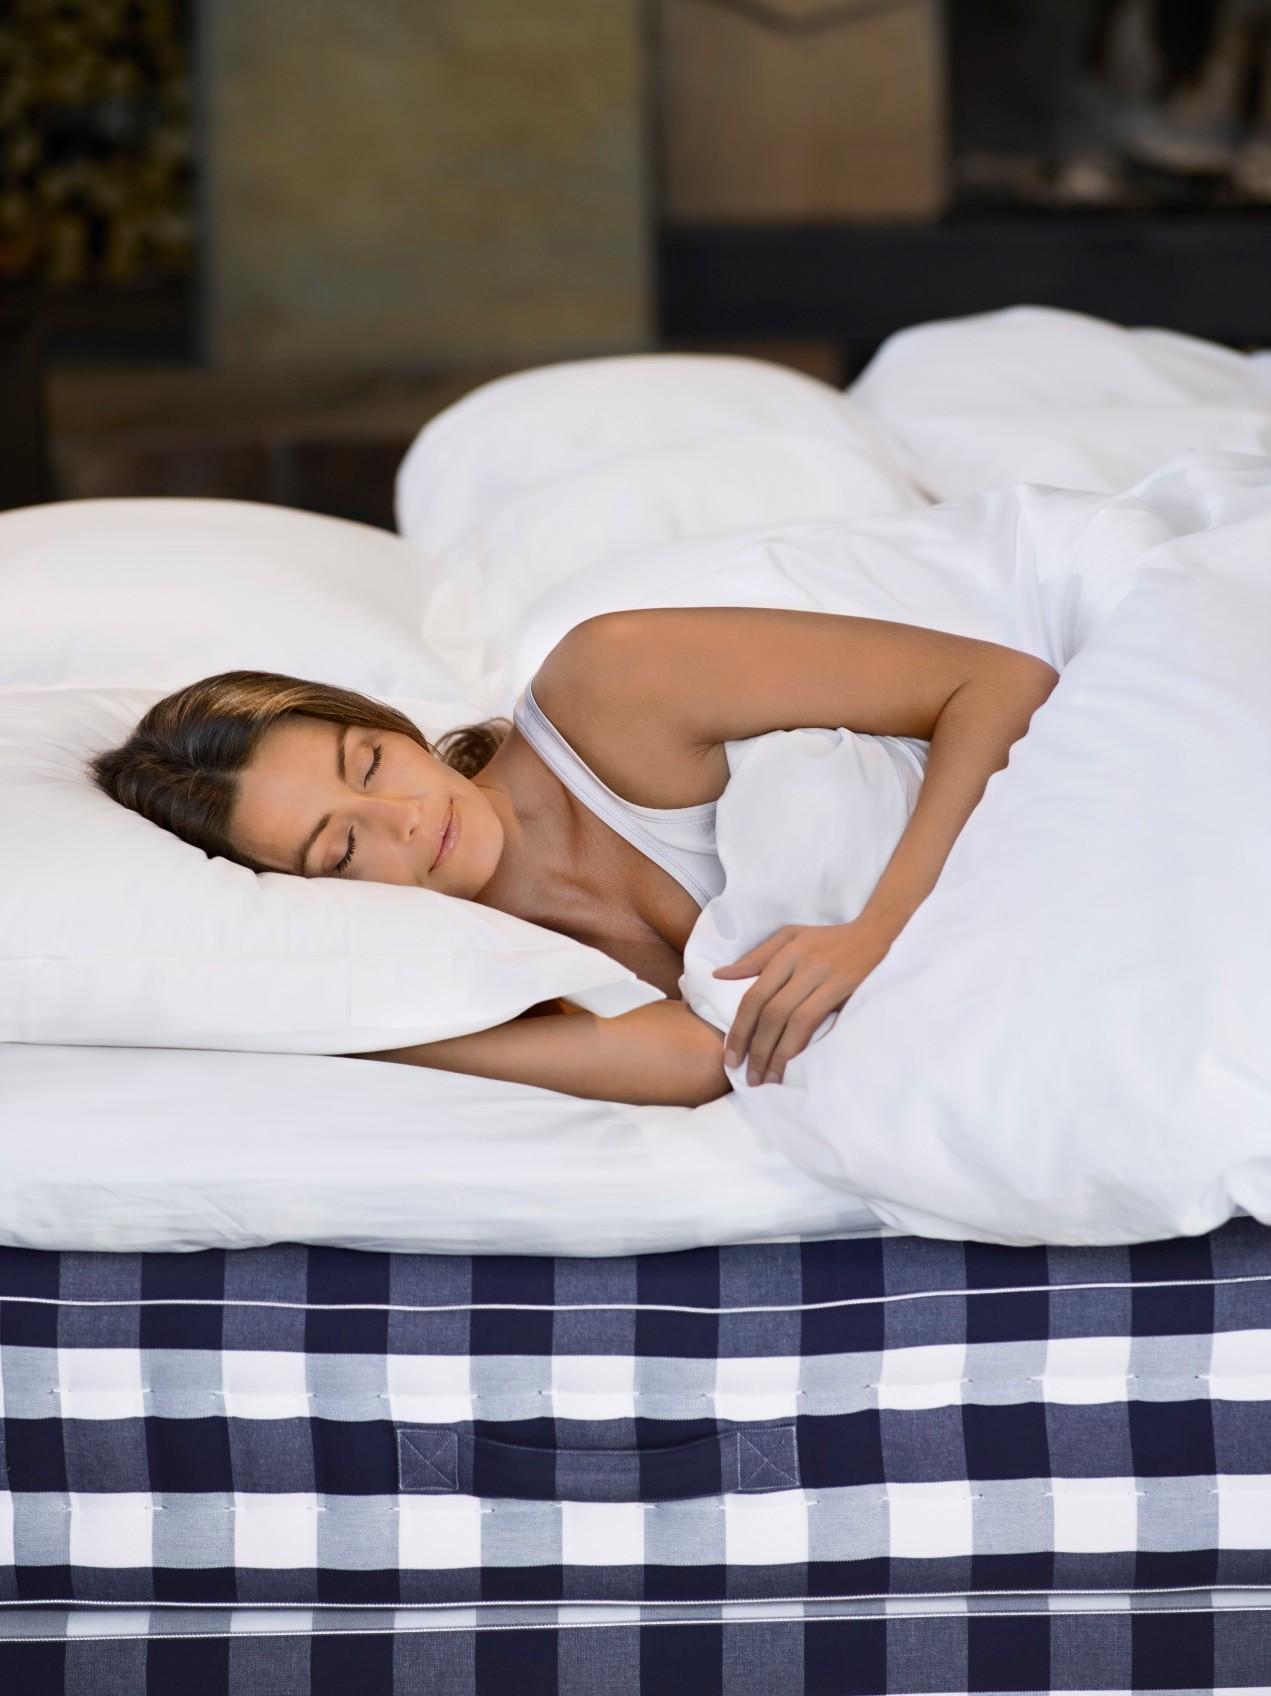 618种草攻略 海丝腾助眠好礼实现你的睡眠自由